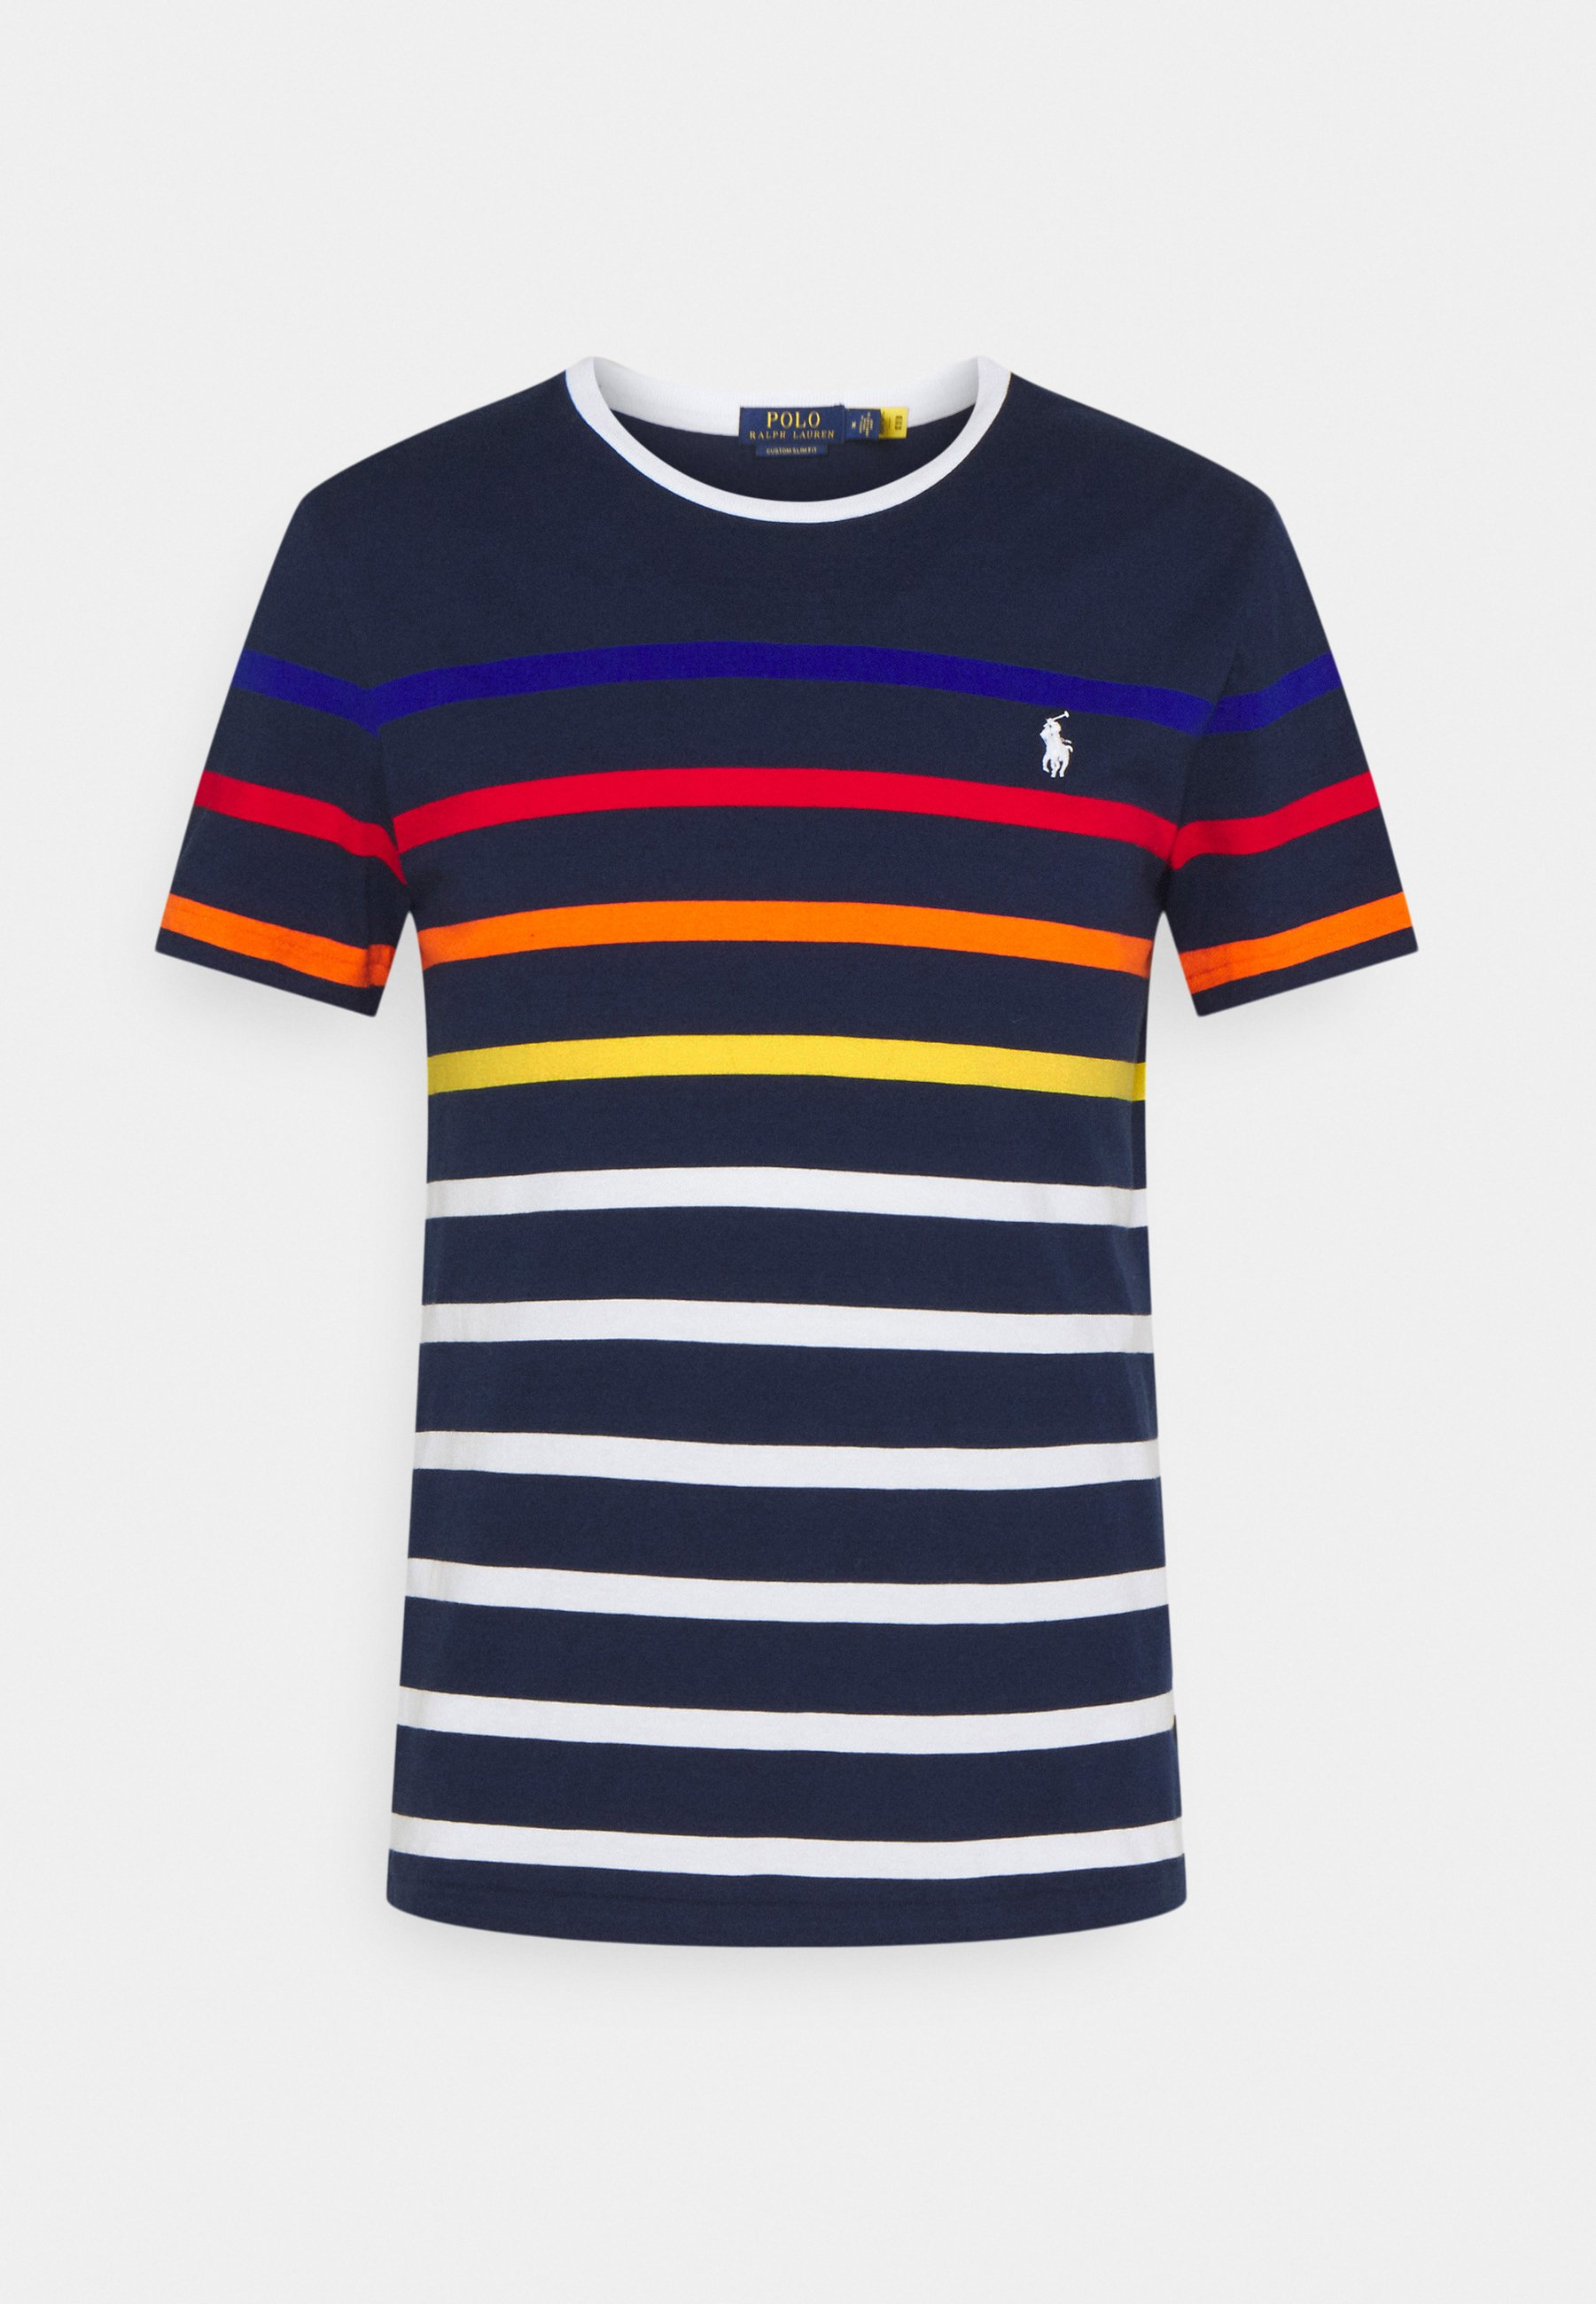 Homme CUSTOM SLIM FIT STRIPED CREWNECK T-SHIRT - T-shirt imprimé